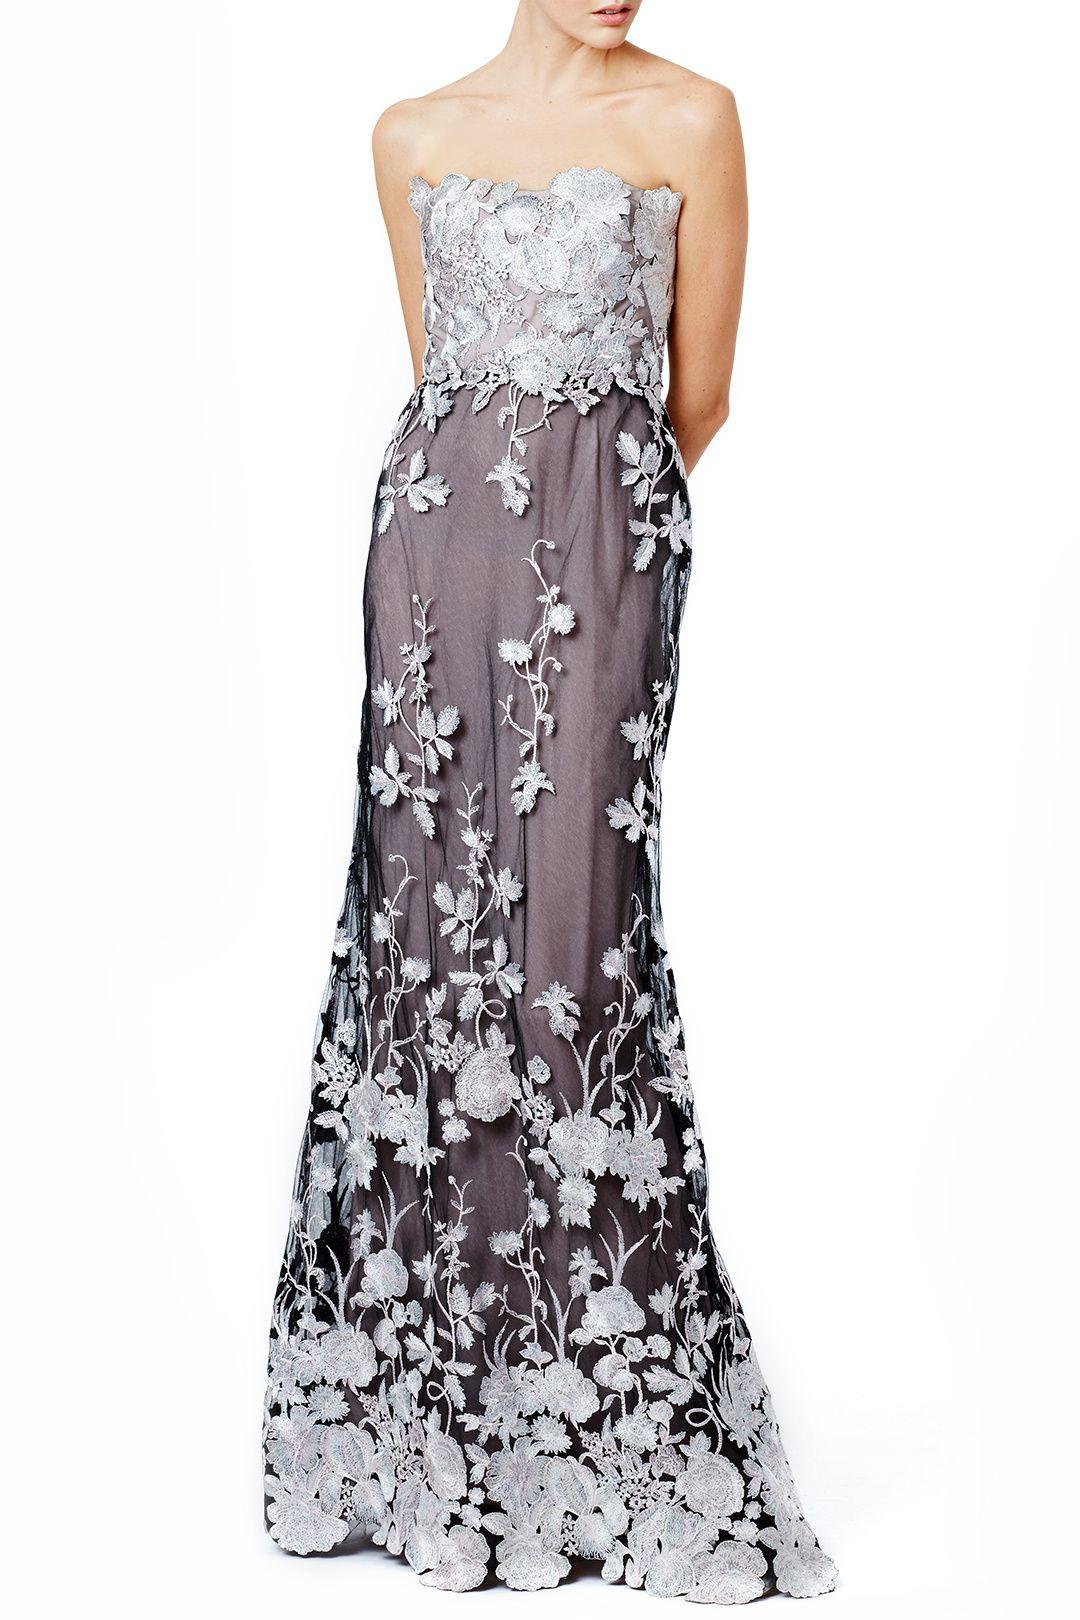 Rent a Runway Evening Dresses